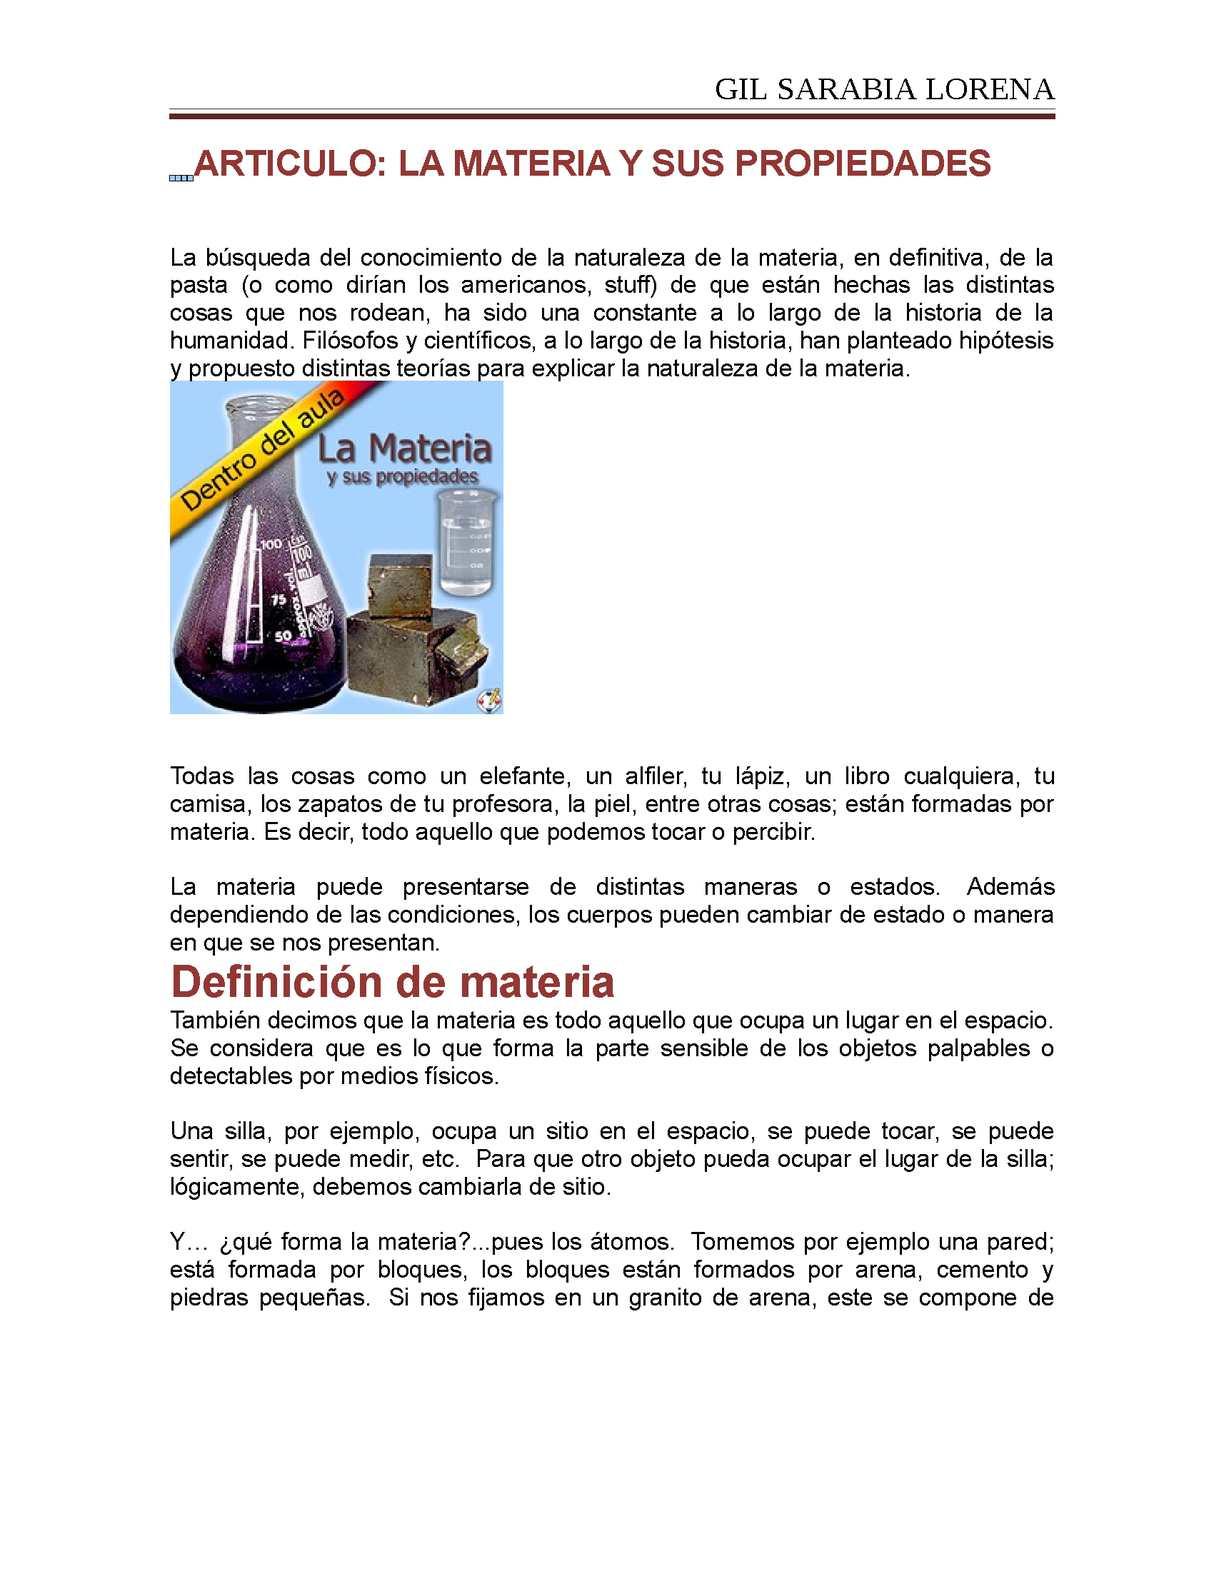 Calam o articulo materia y sus propiedades for Inmobiliaria definicion